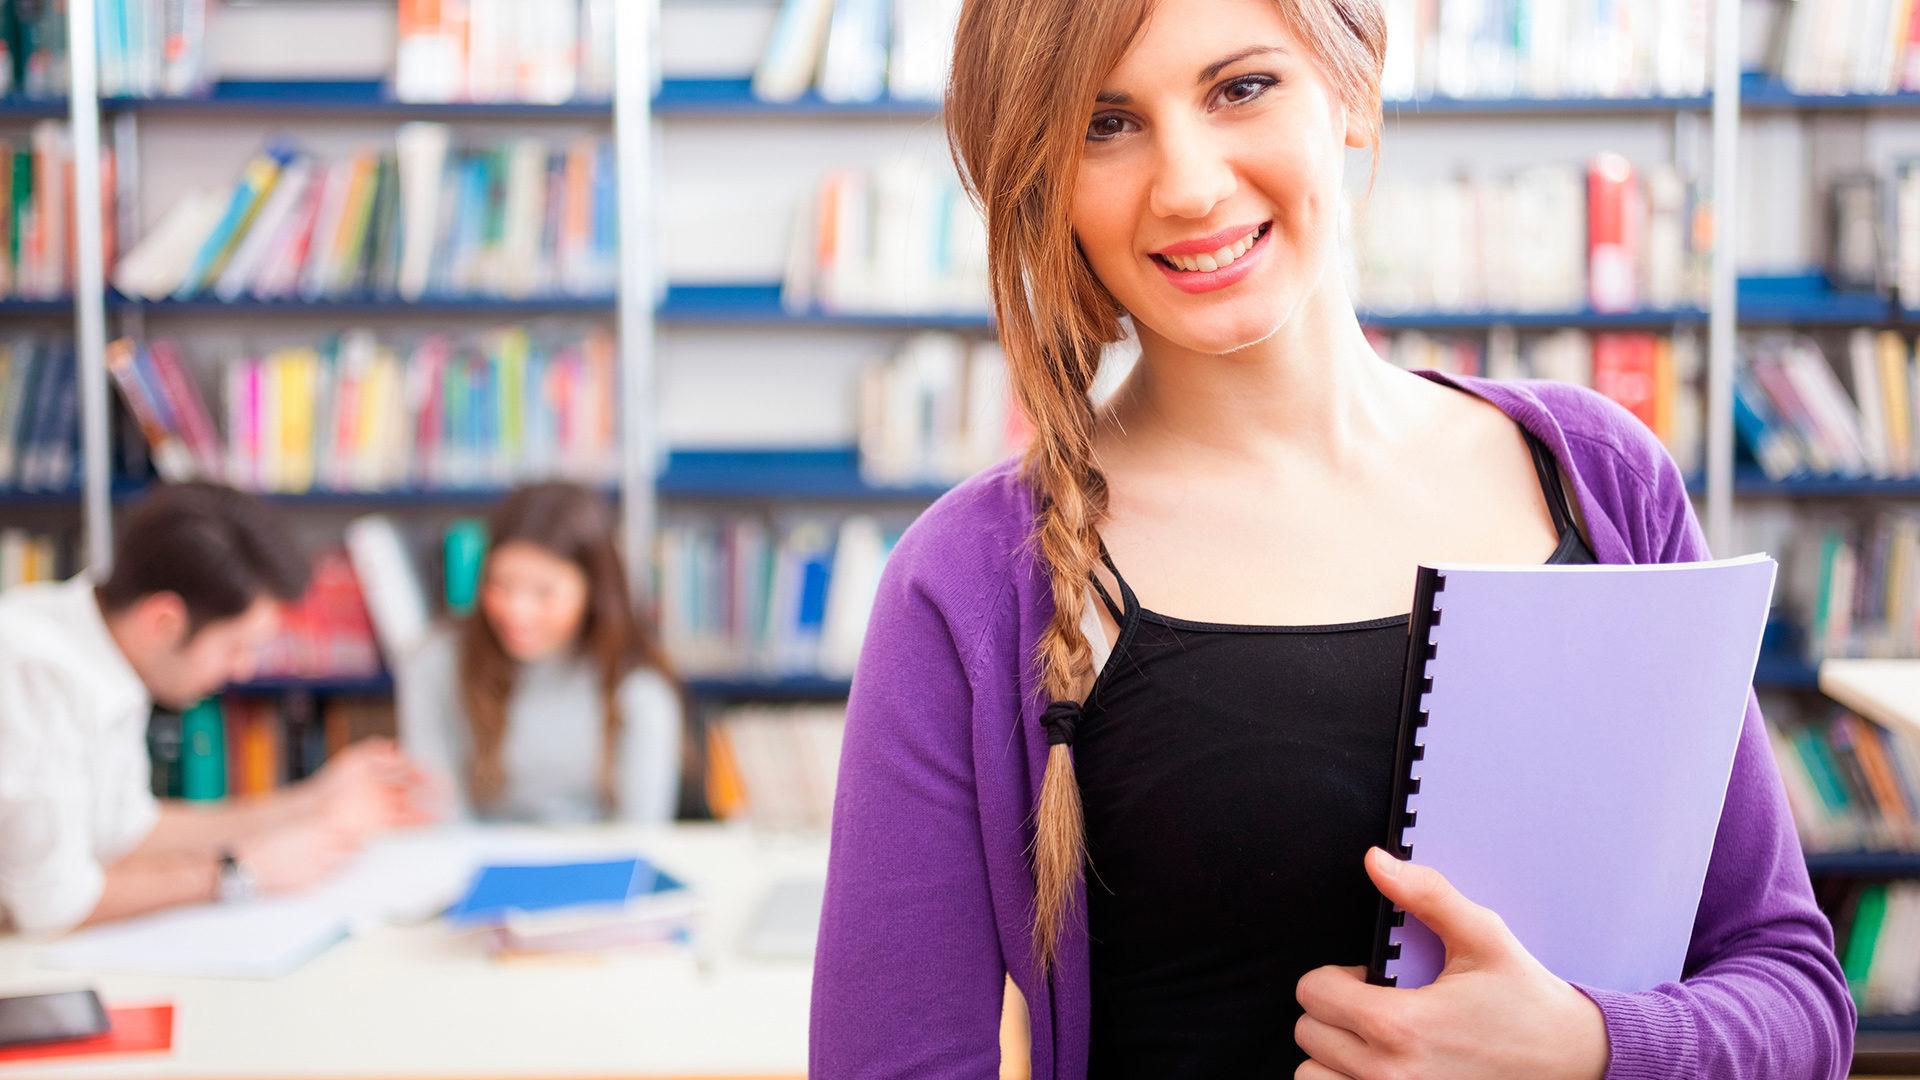 Recurso vida y cultura estudiante joven